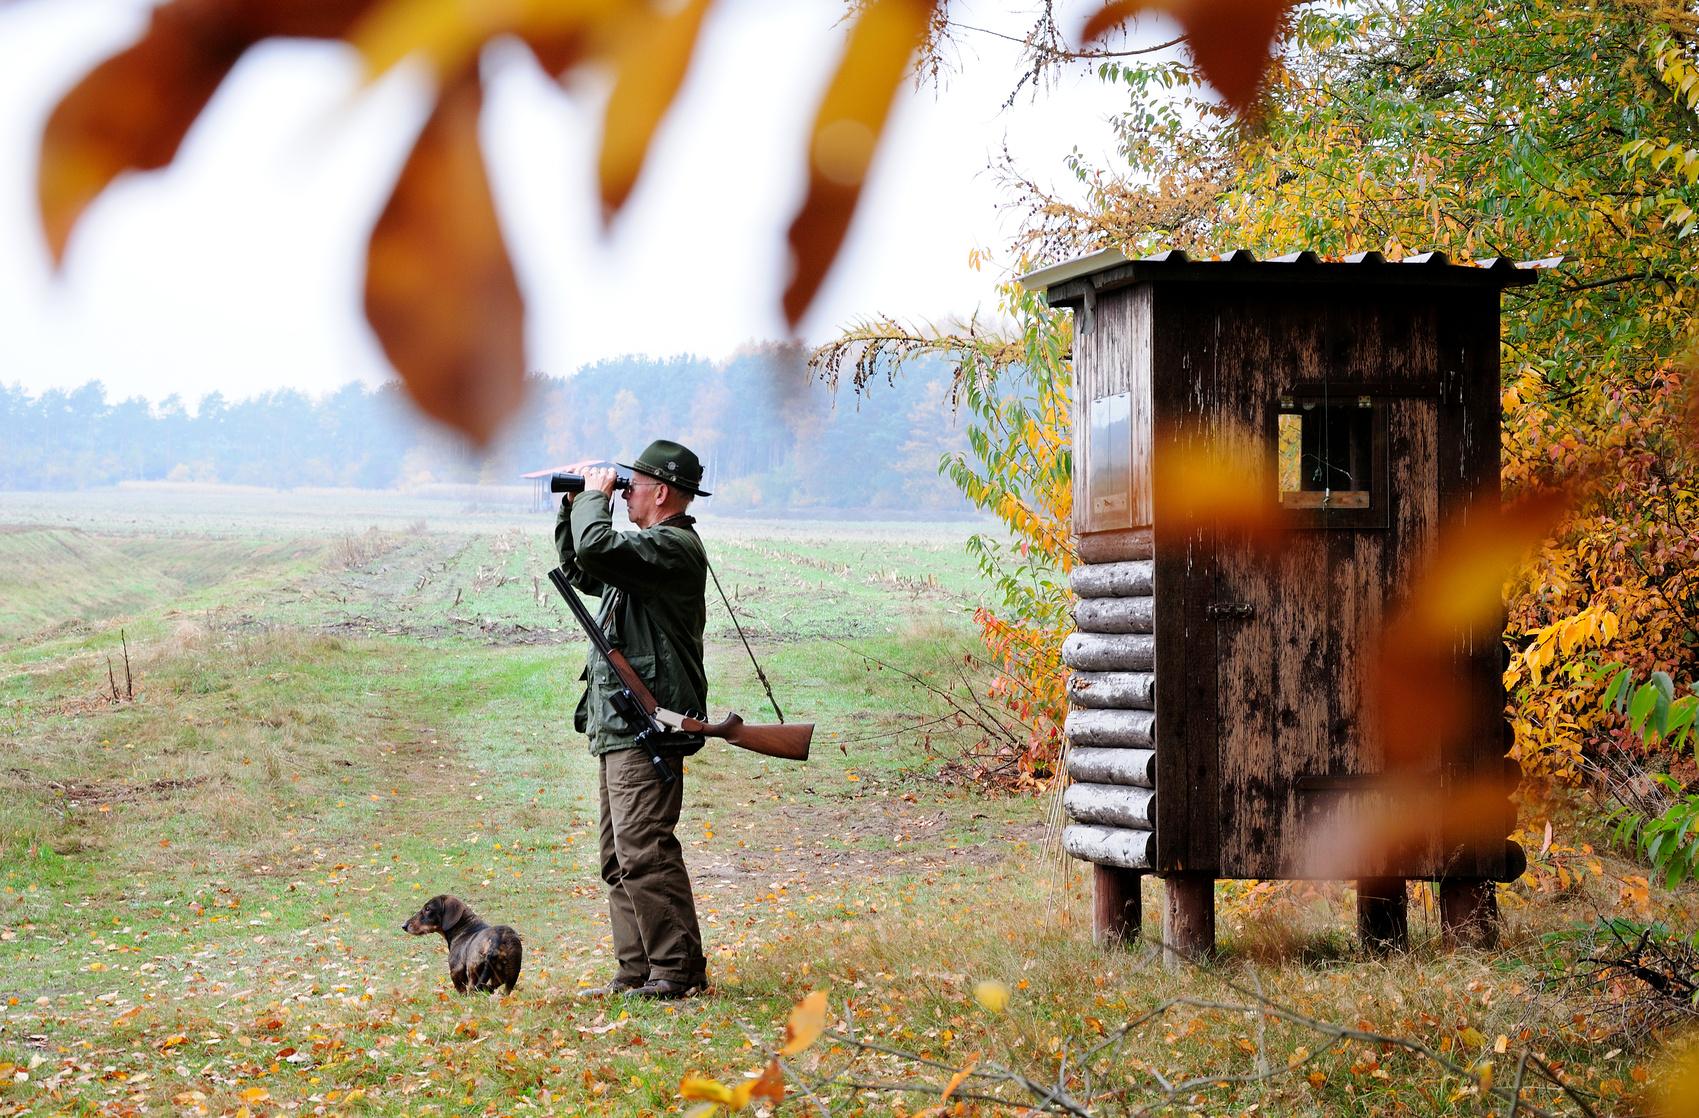 Jagdeinrichtungen (Errichtung, Erhaltung und Haftung)